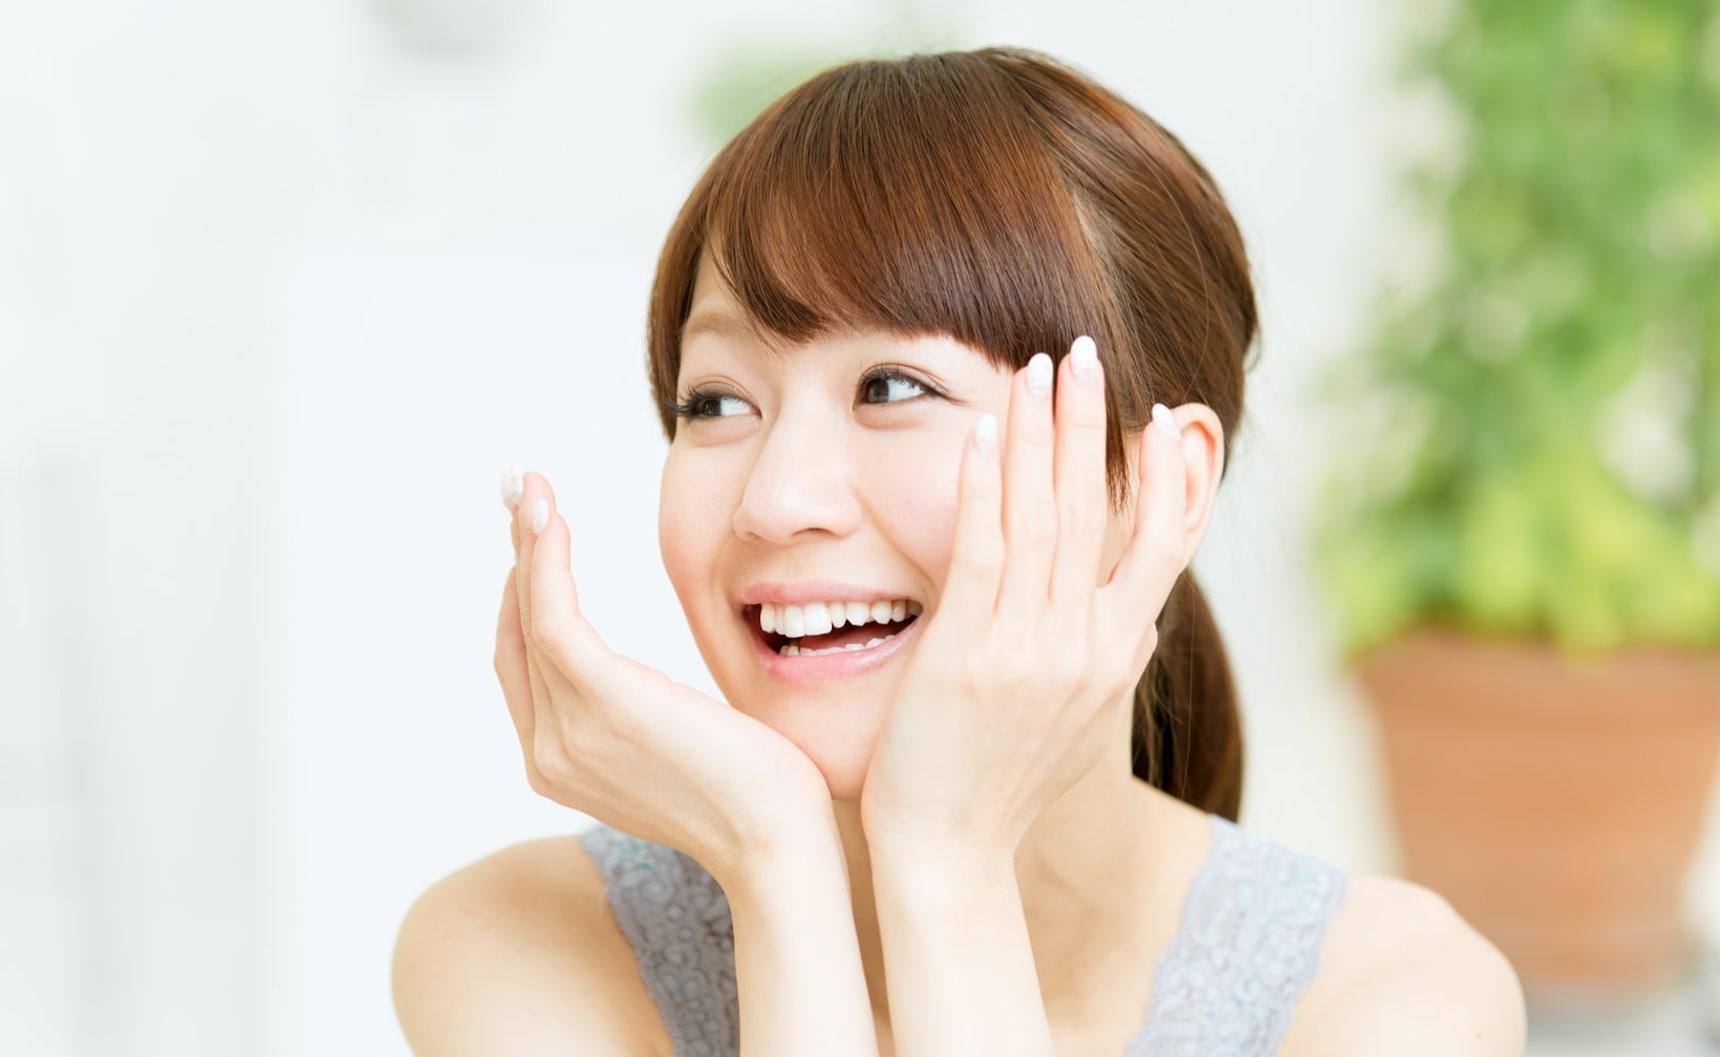 10岁到20岁女性之间评价超高的护肤品和基础化妆品排行榜